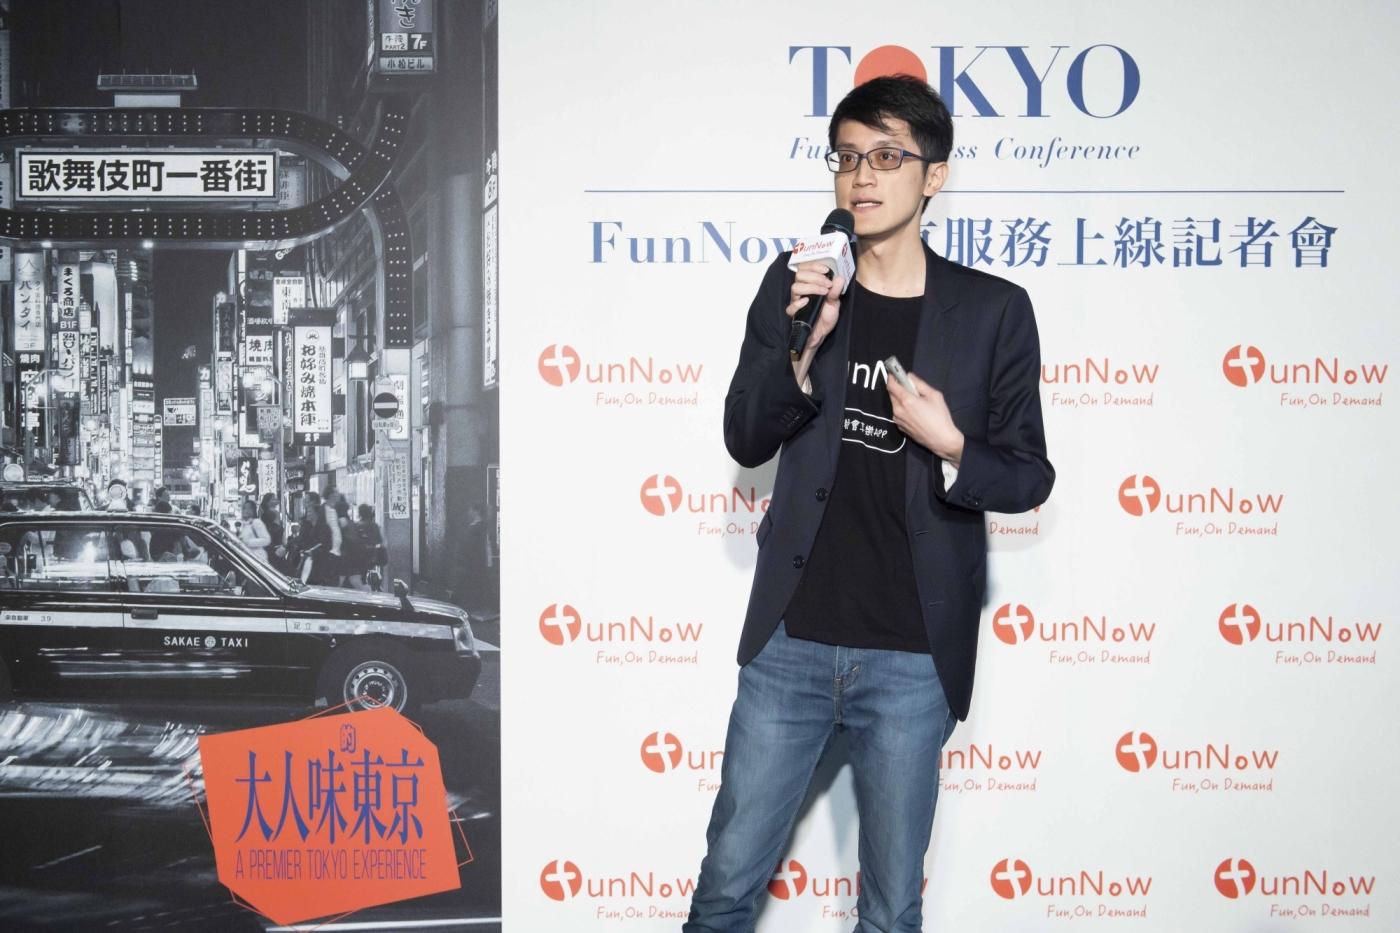 FunNow即時預訂服務上線東京,三普旅遊集團當帶路人